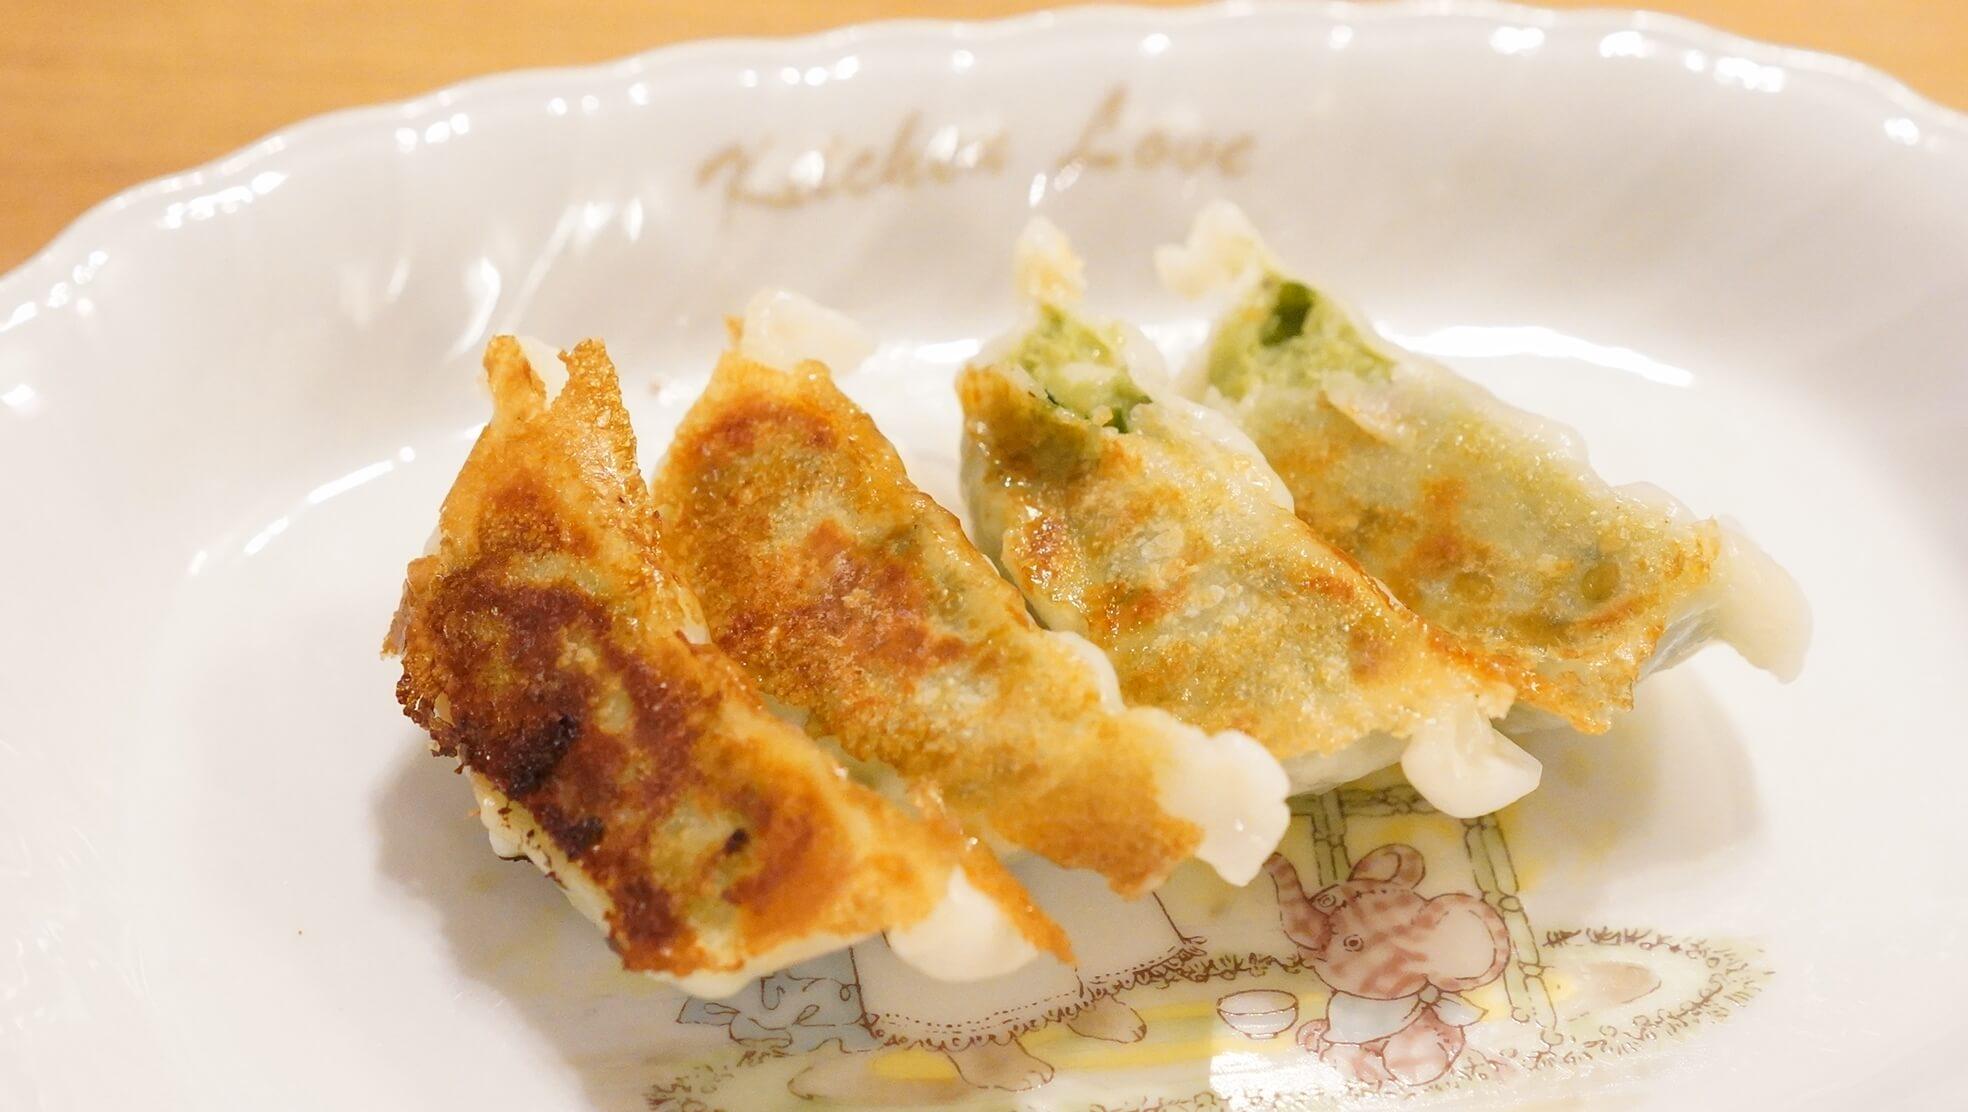 味の素のアスリート専用の冷凍餃子「コンディショニングギョーザ」を横から撮影した写真